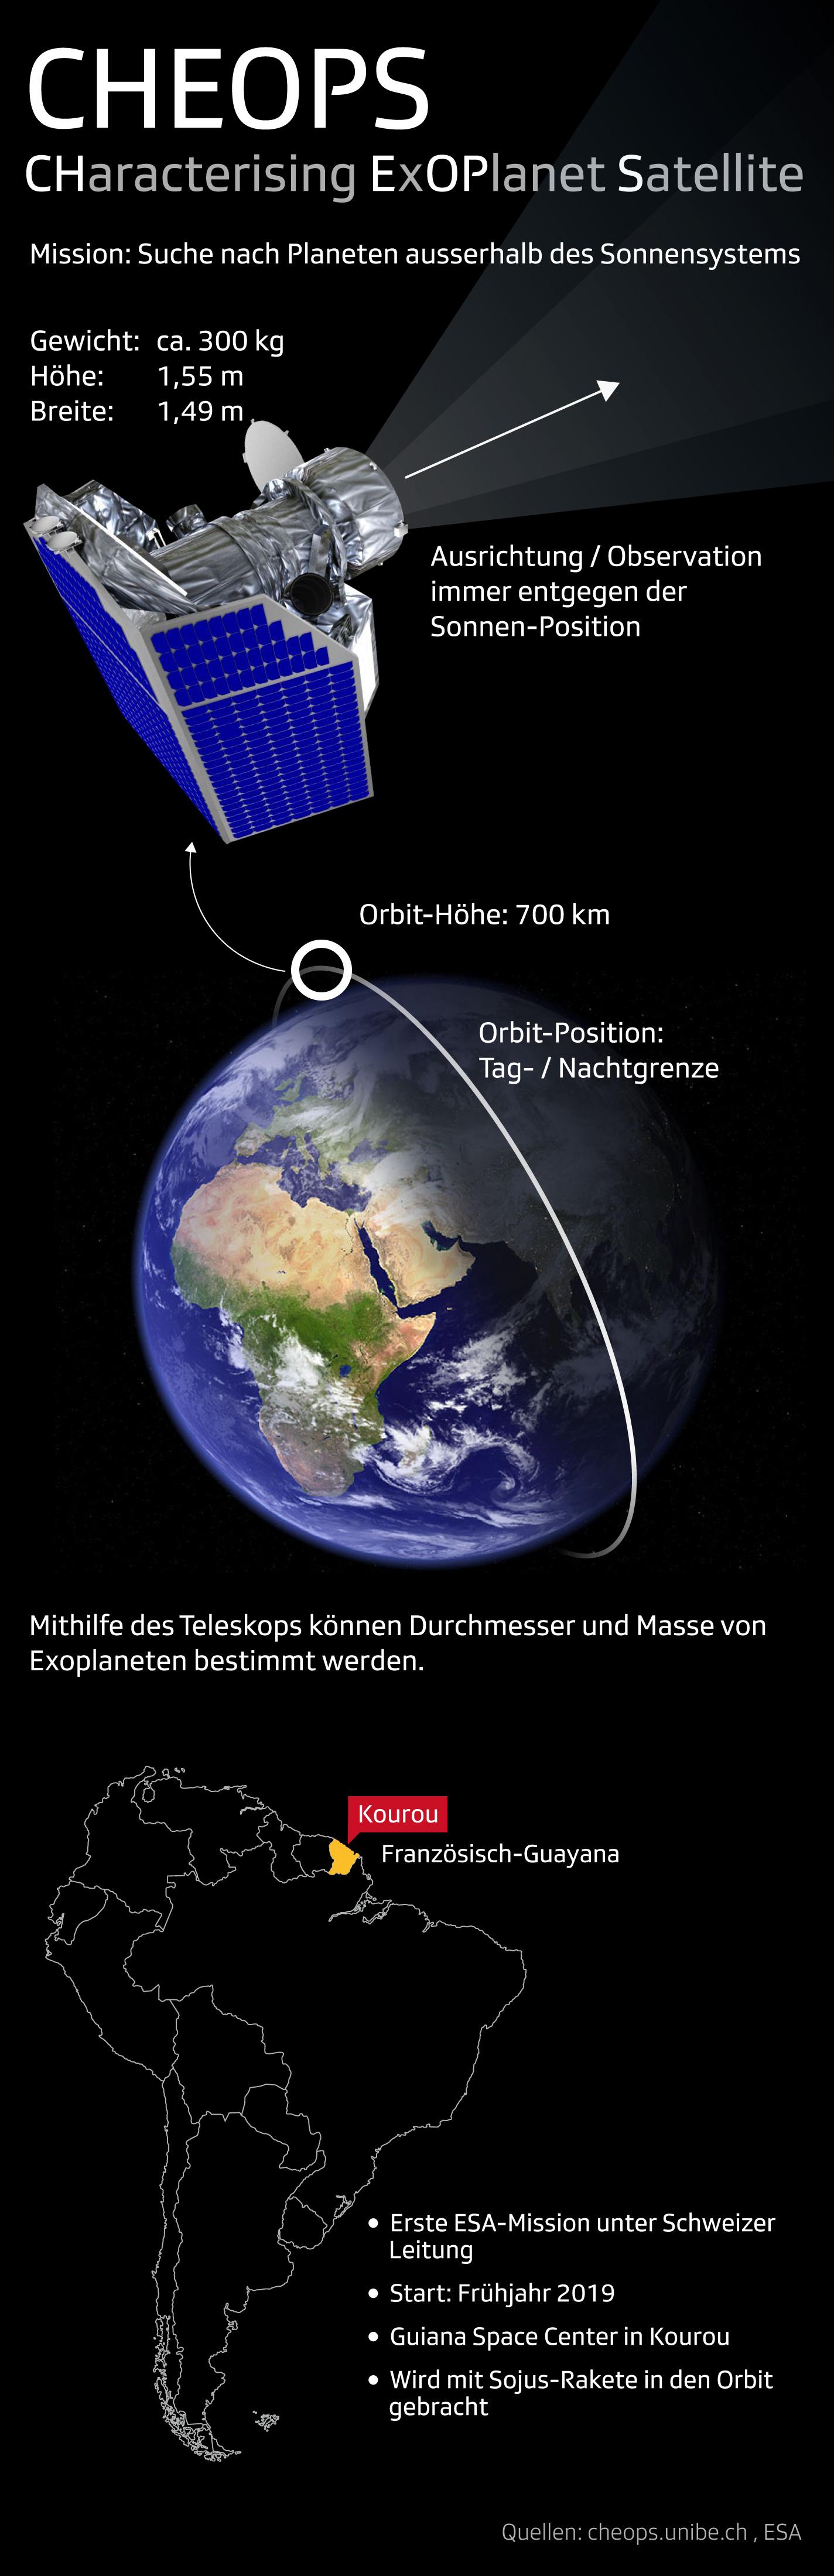 Infografik: Cheops Weltraumteleskop